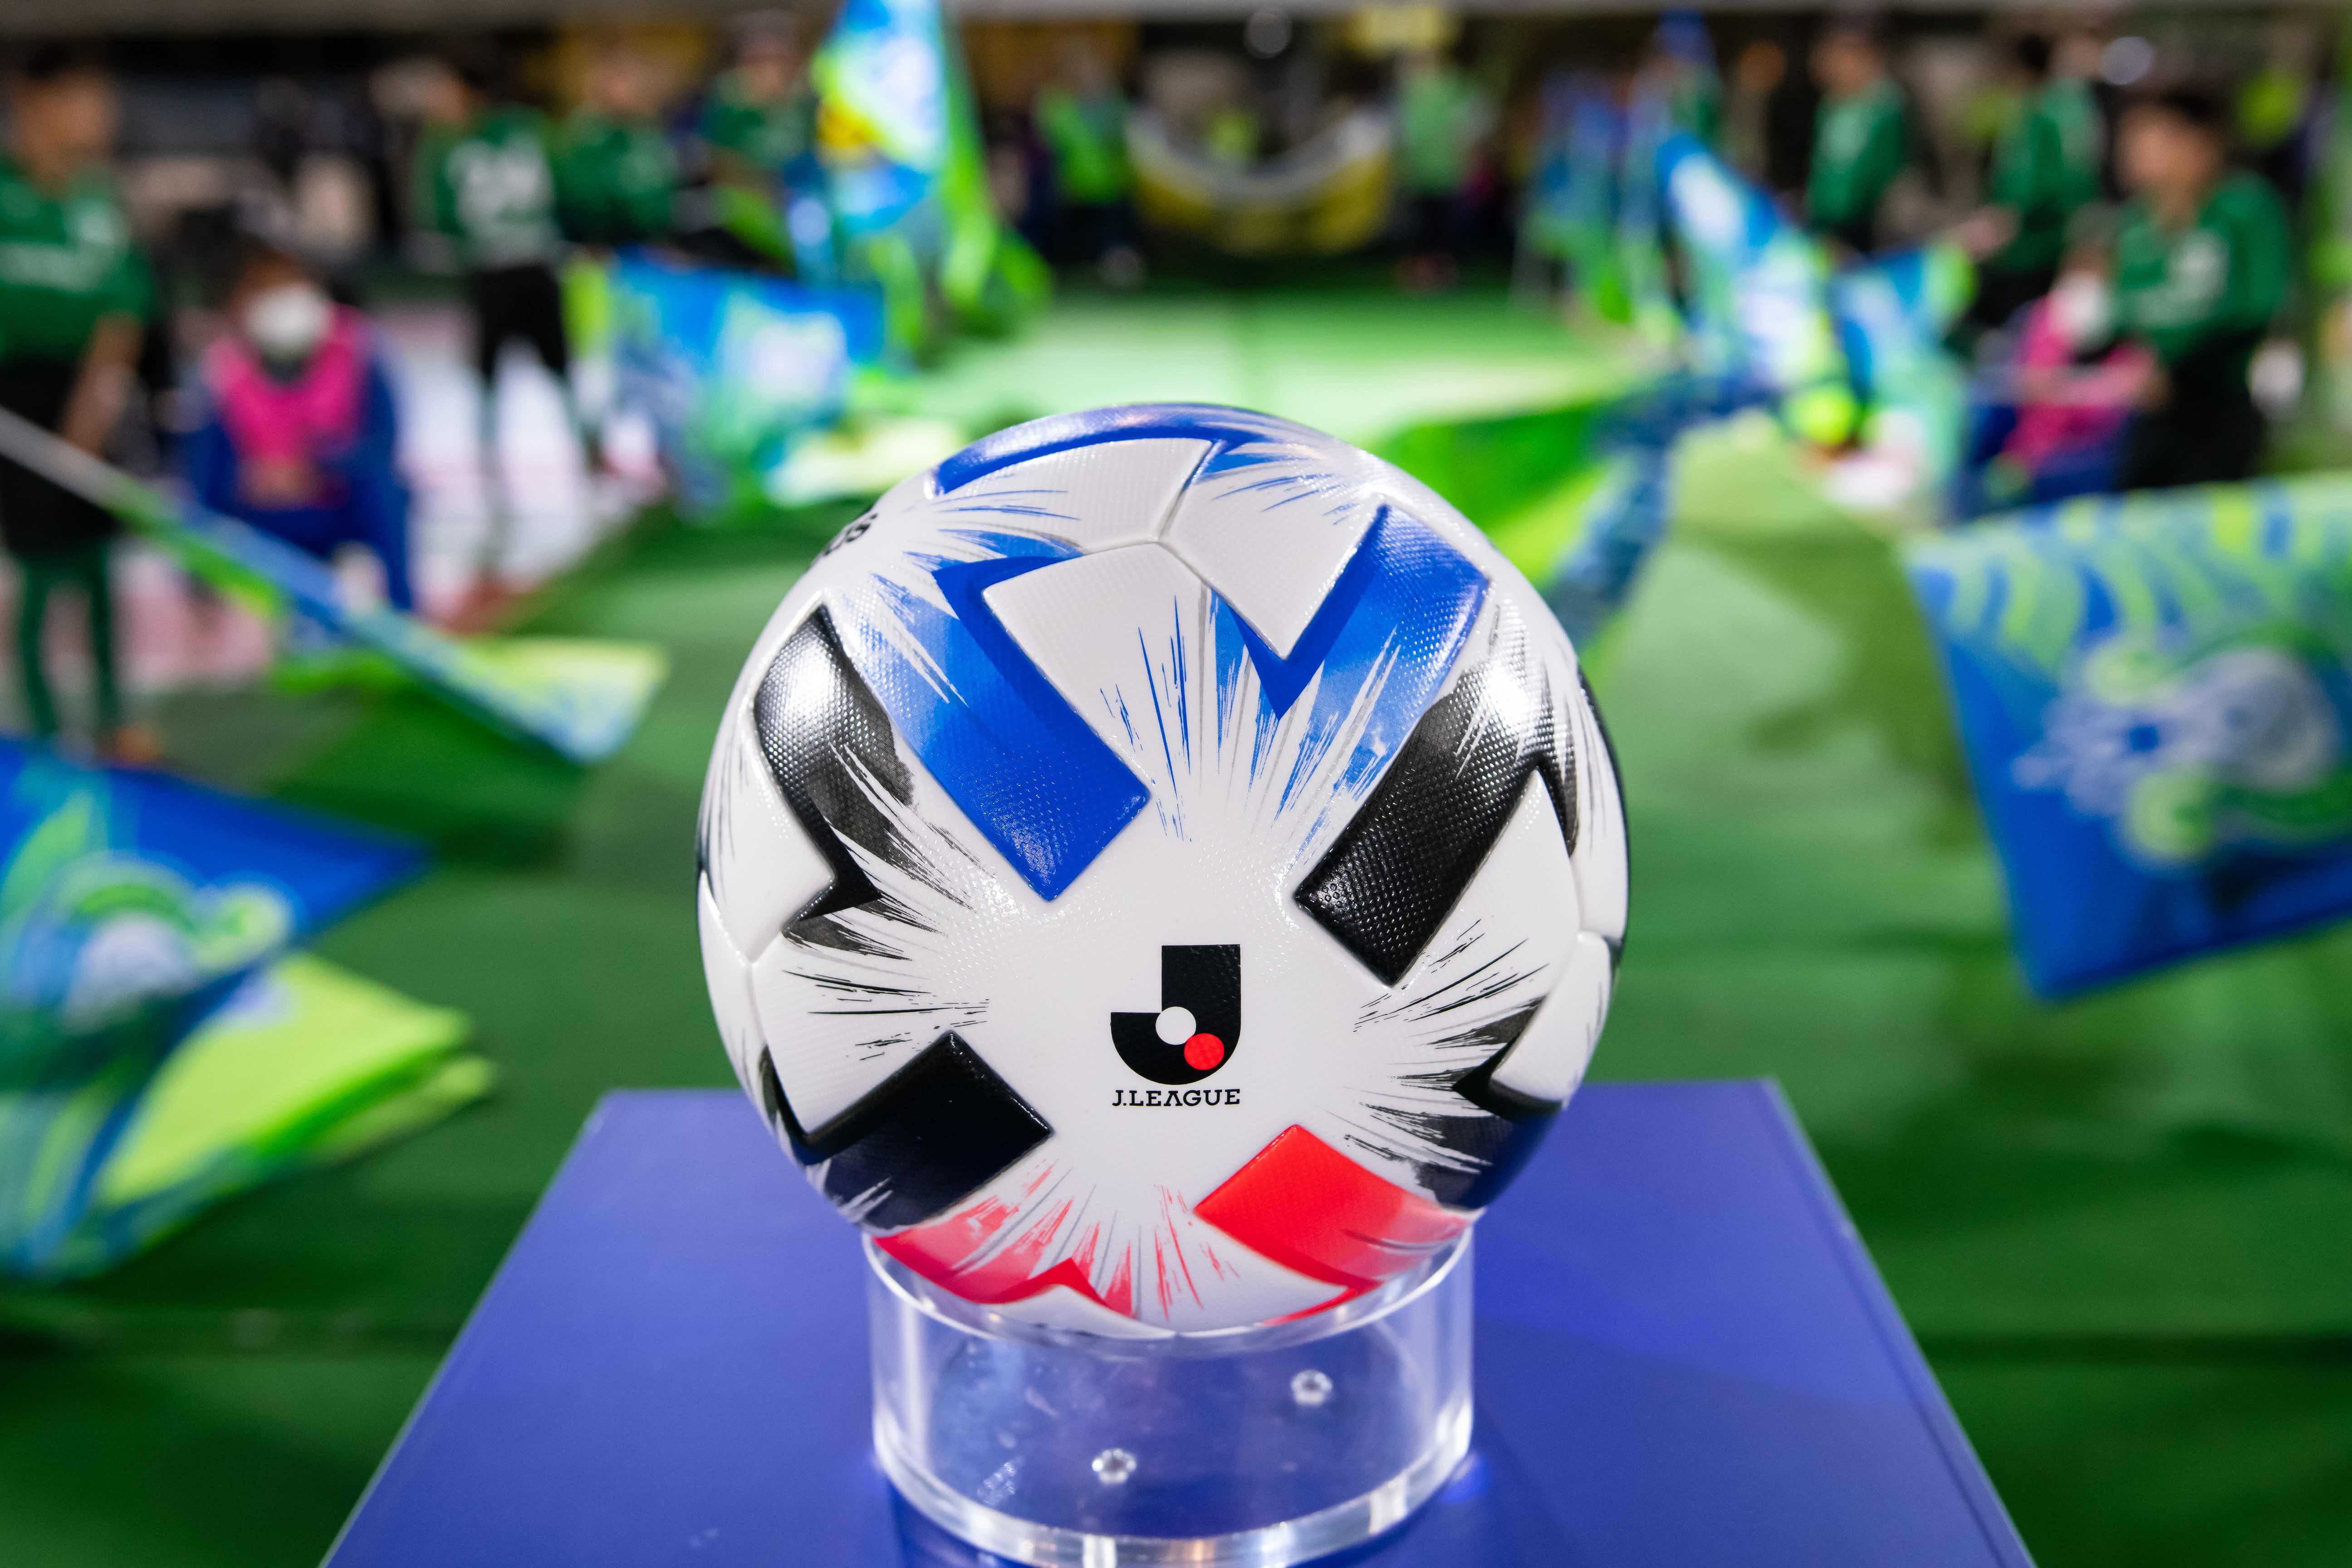 【公式】実使用・選手直筆サイン入「2020明治安田生命J1リーグ公式試合球」①